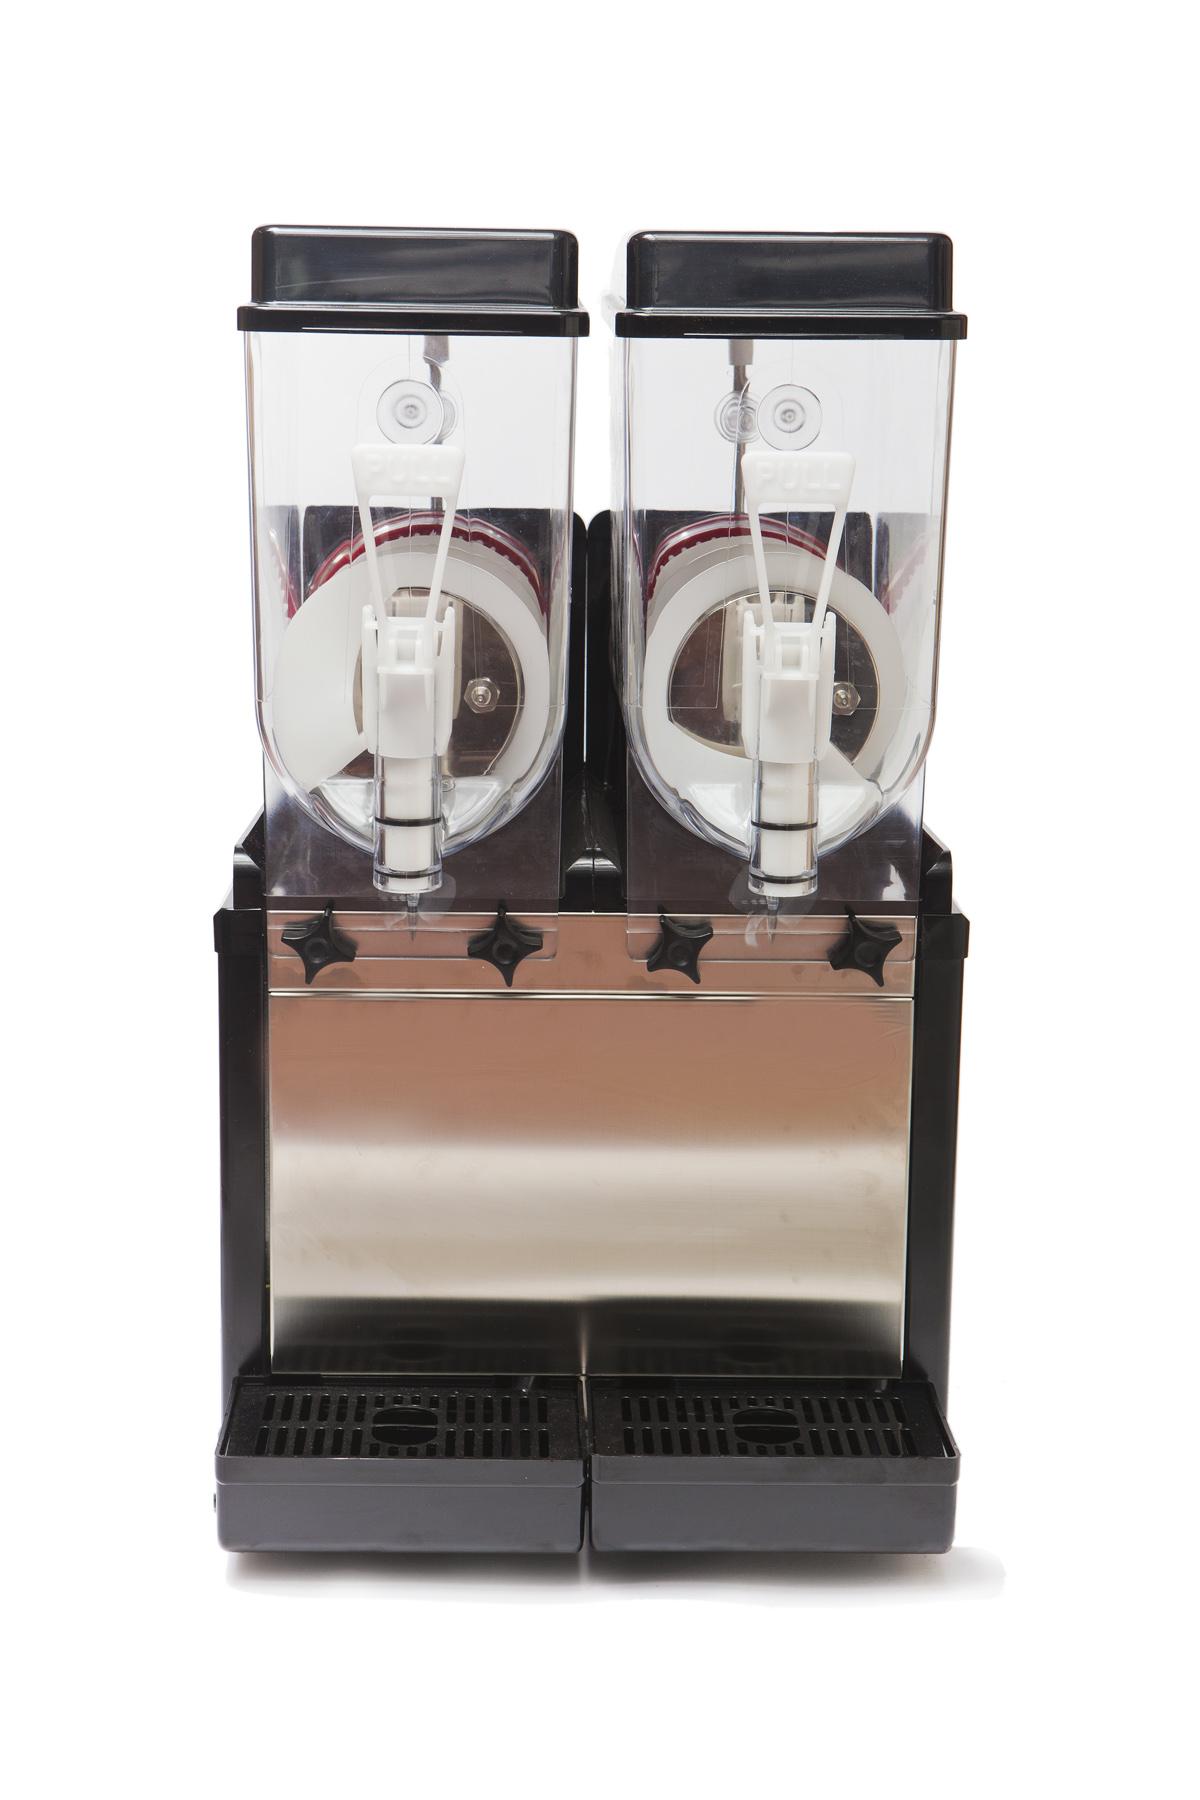 להפליא ימבמבם - מכונת ברד למכירה, אטרקציות ליום הולדת וציוד לאירועים EA-31